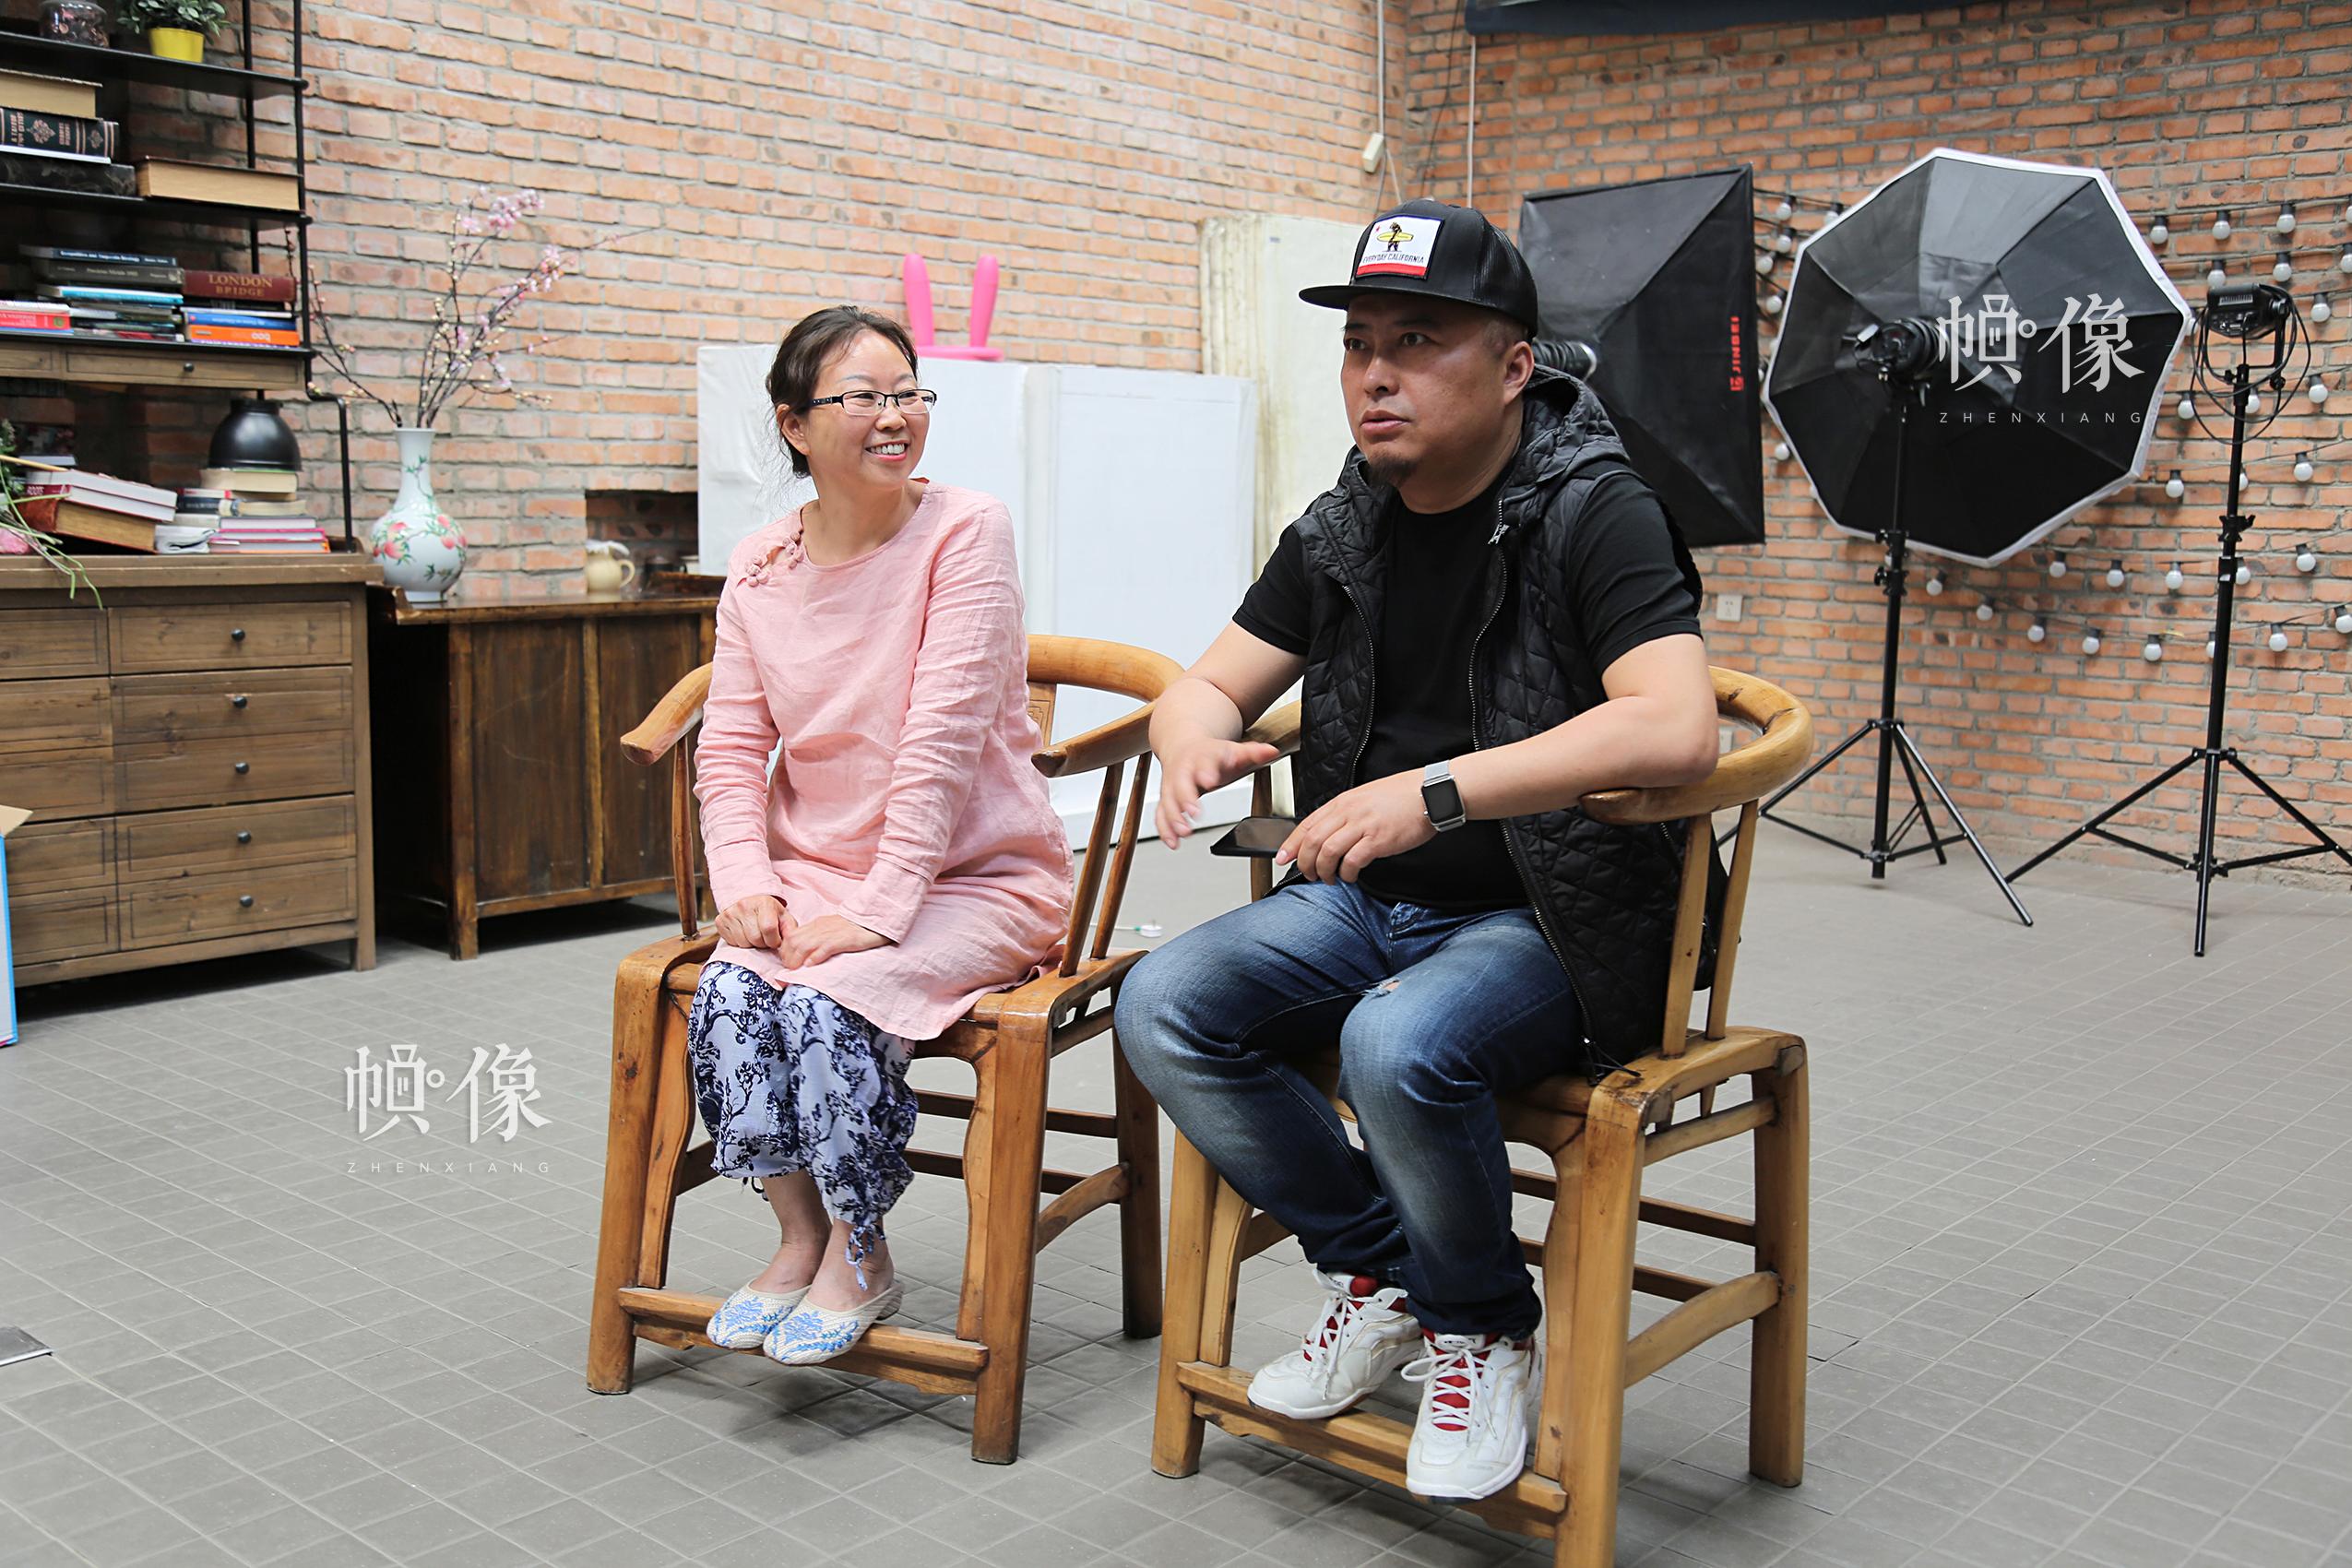 孙丽娟(图左)和陈旸(图右)正在FACE MEMO儿童摄影影棚接受中国网记者的采访。中国网记者黄富友 摄